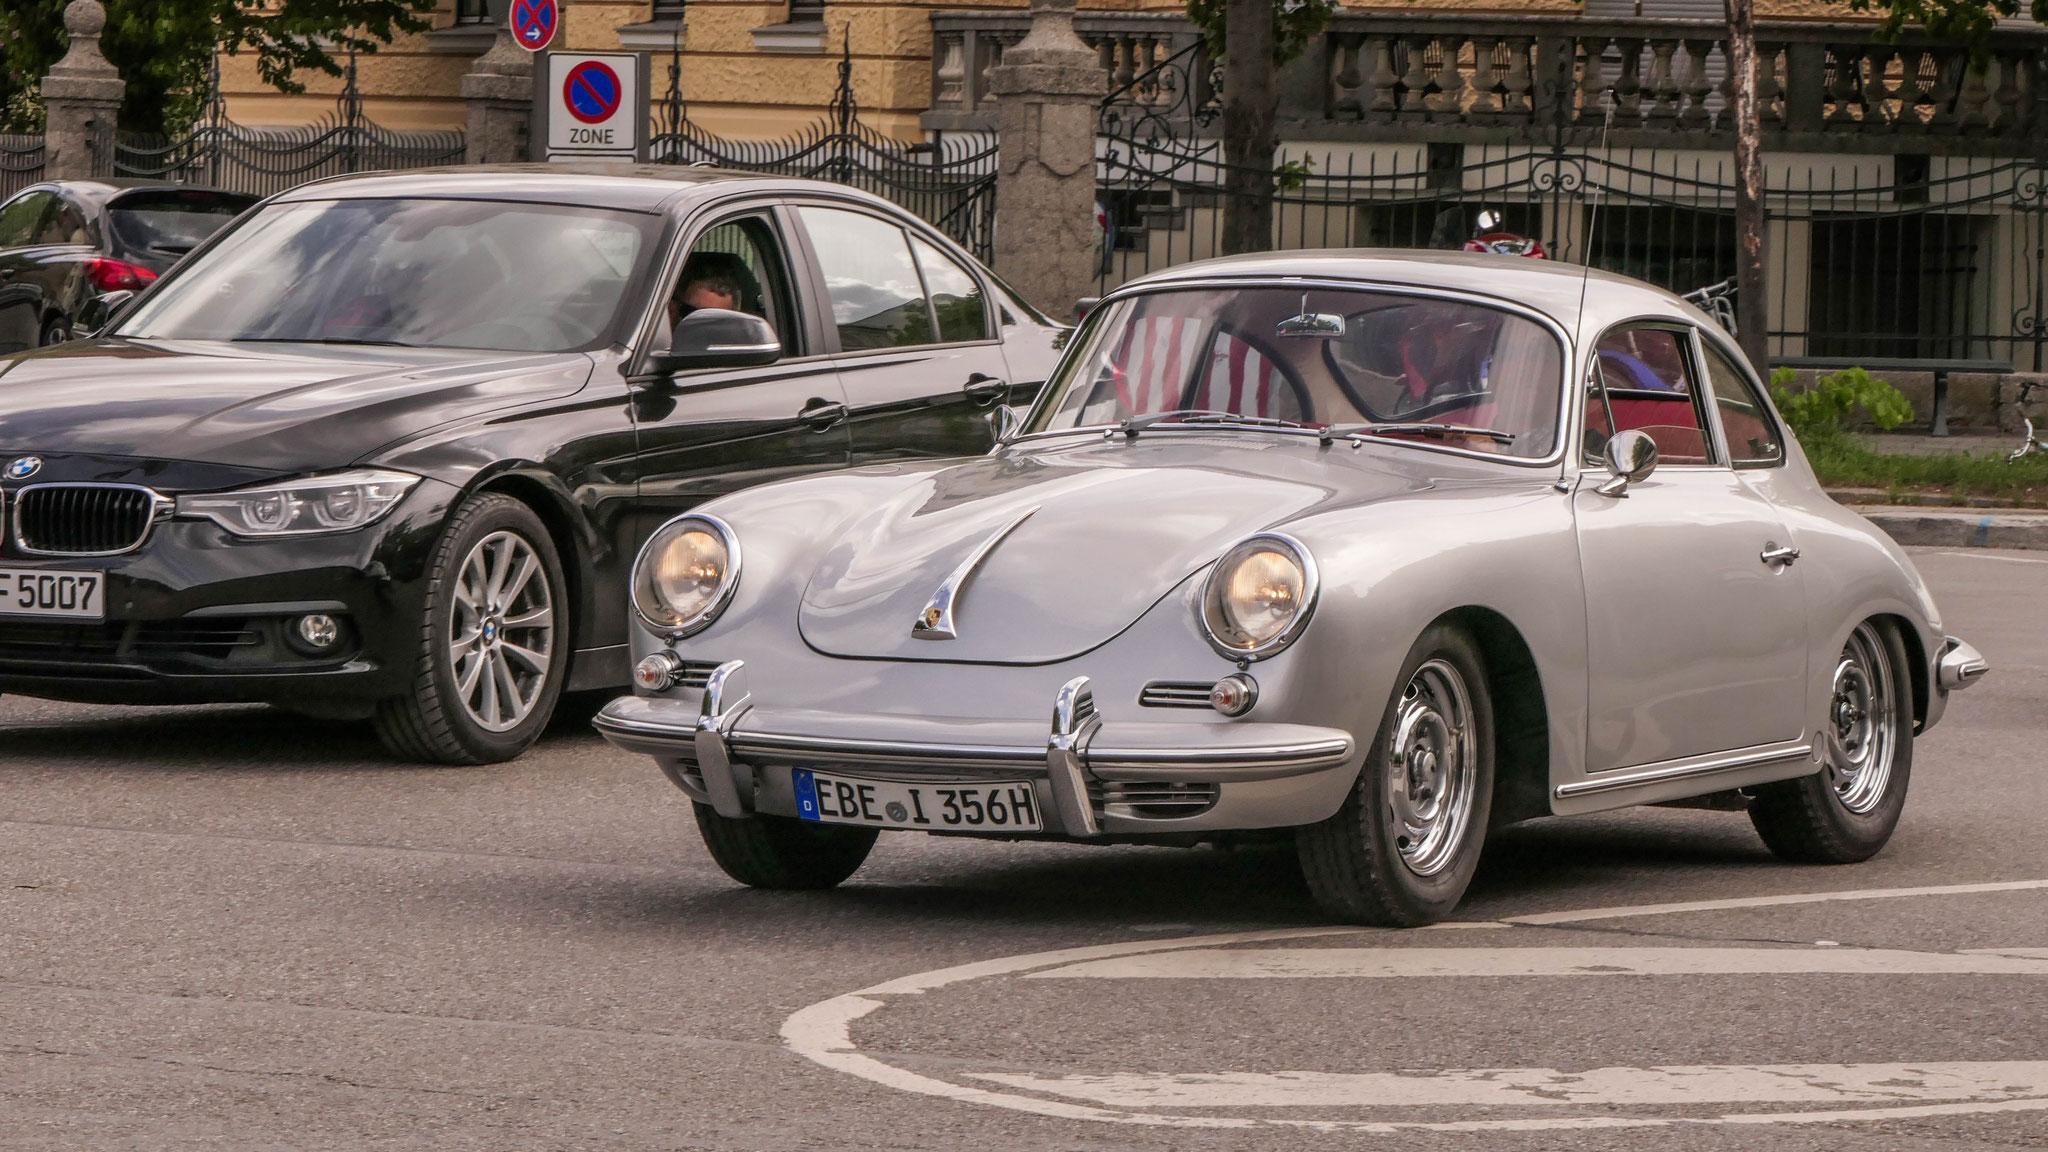 Porsche 356 SC - EBE-I-356H